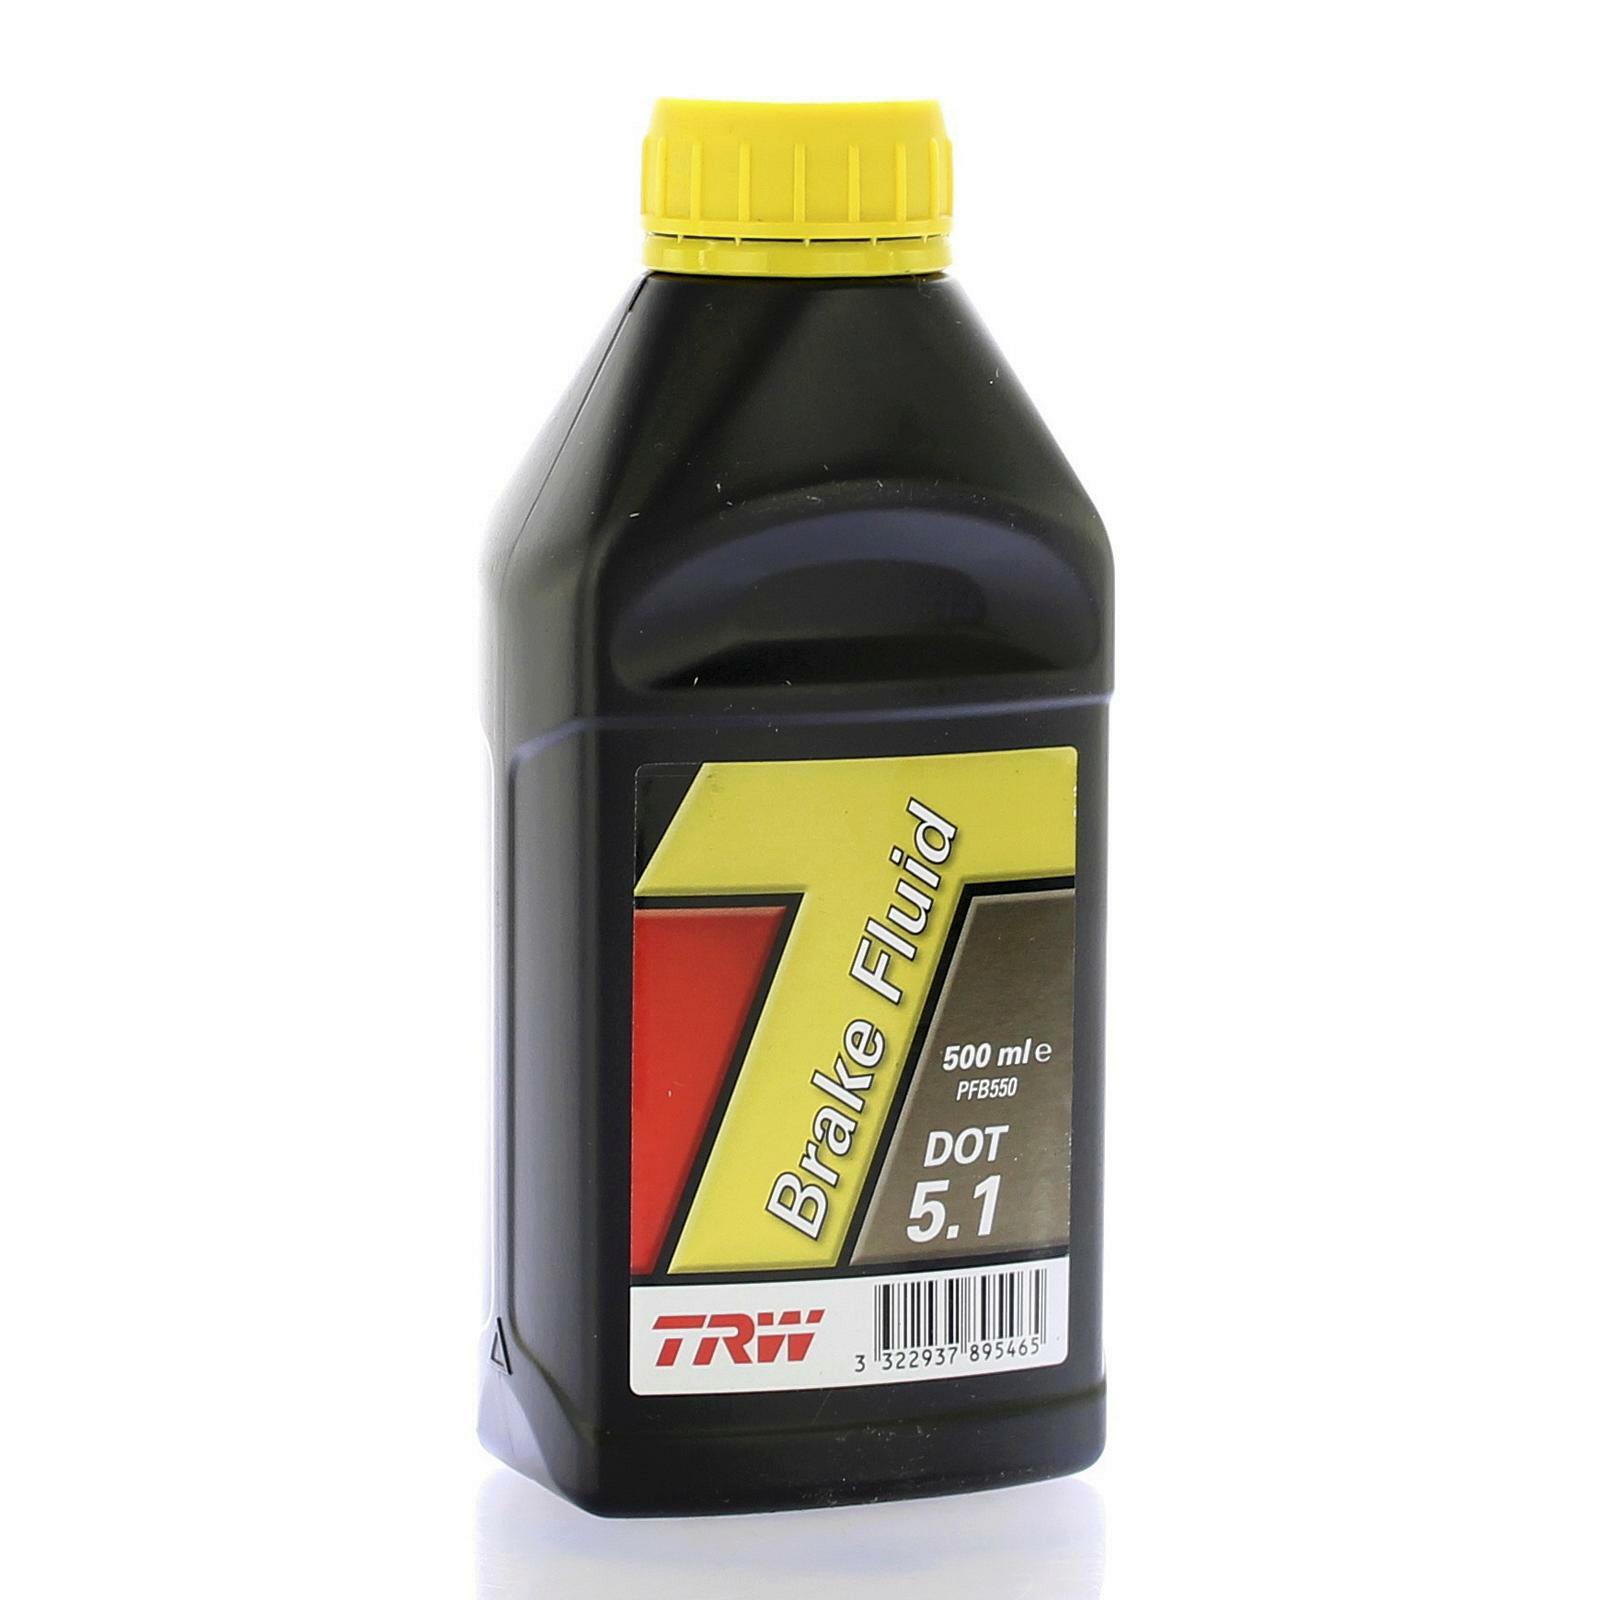 TRW Bremsflüssigkeit 500ml DOT 5.1